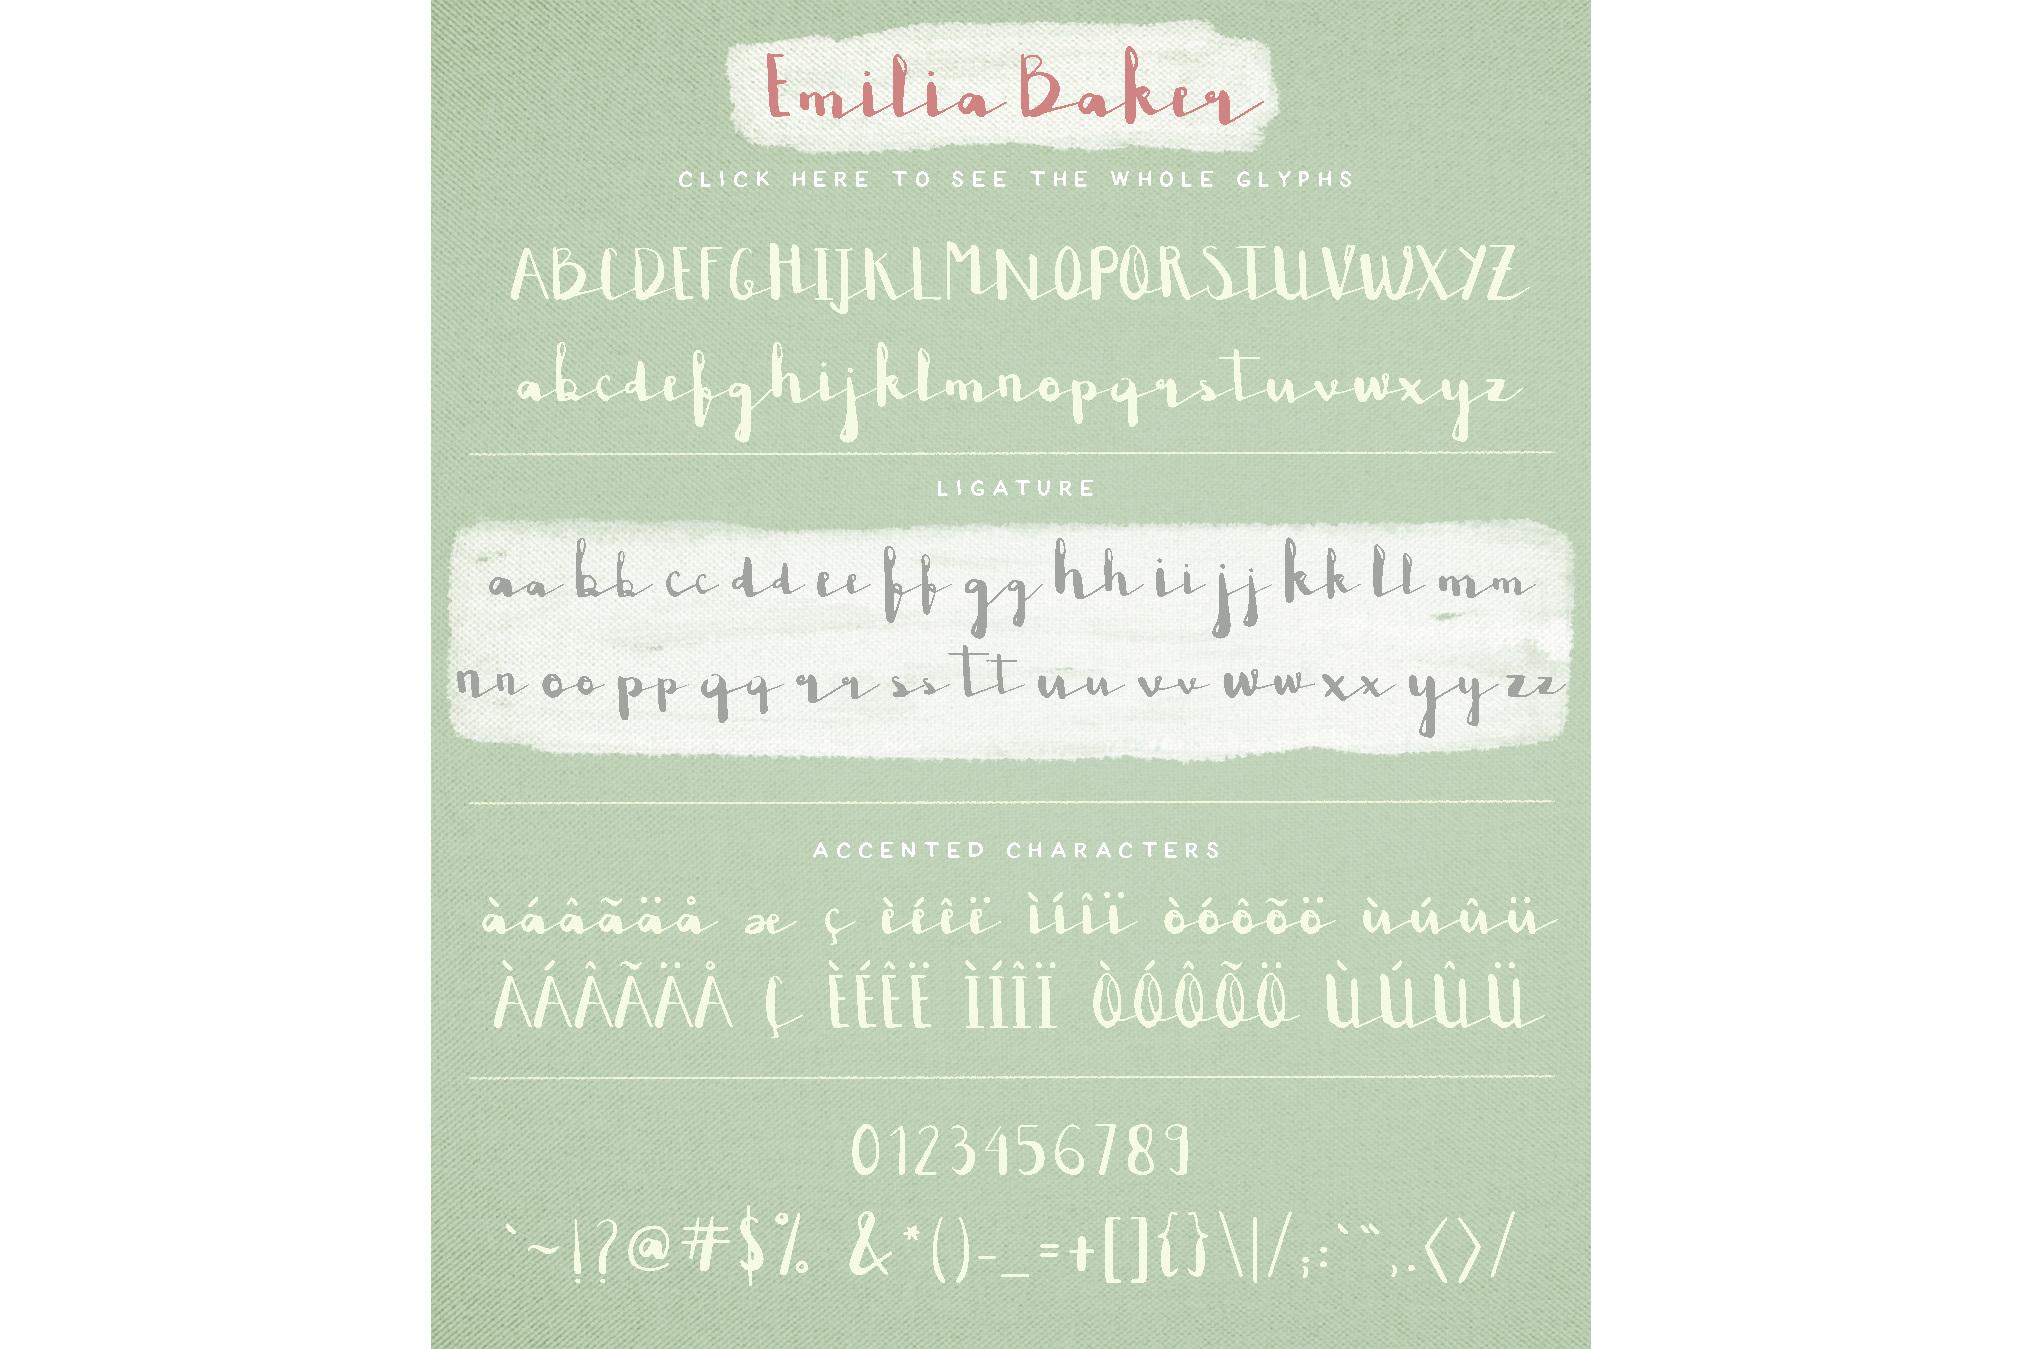 Emilia Baker example image 5